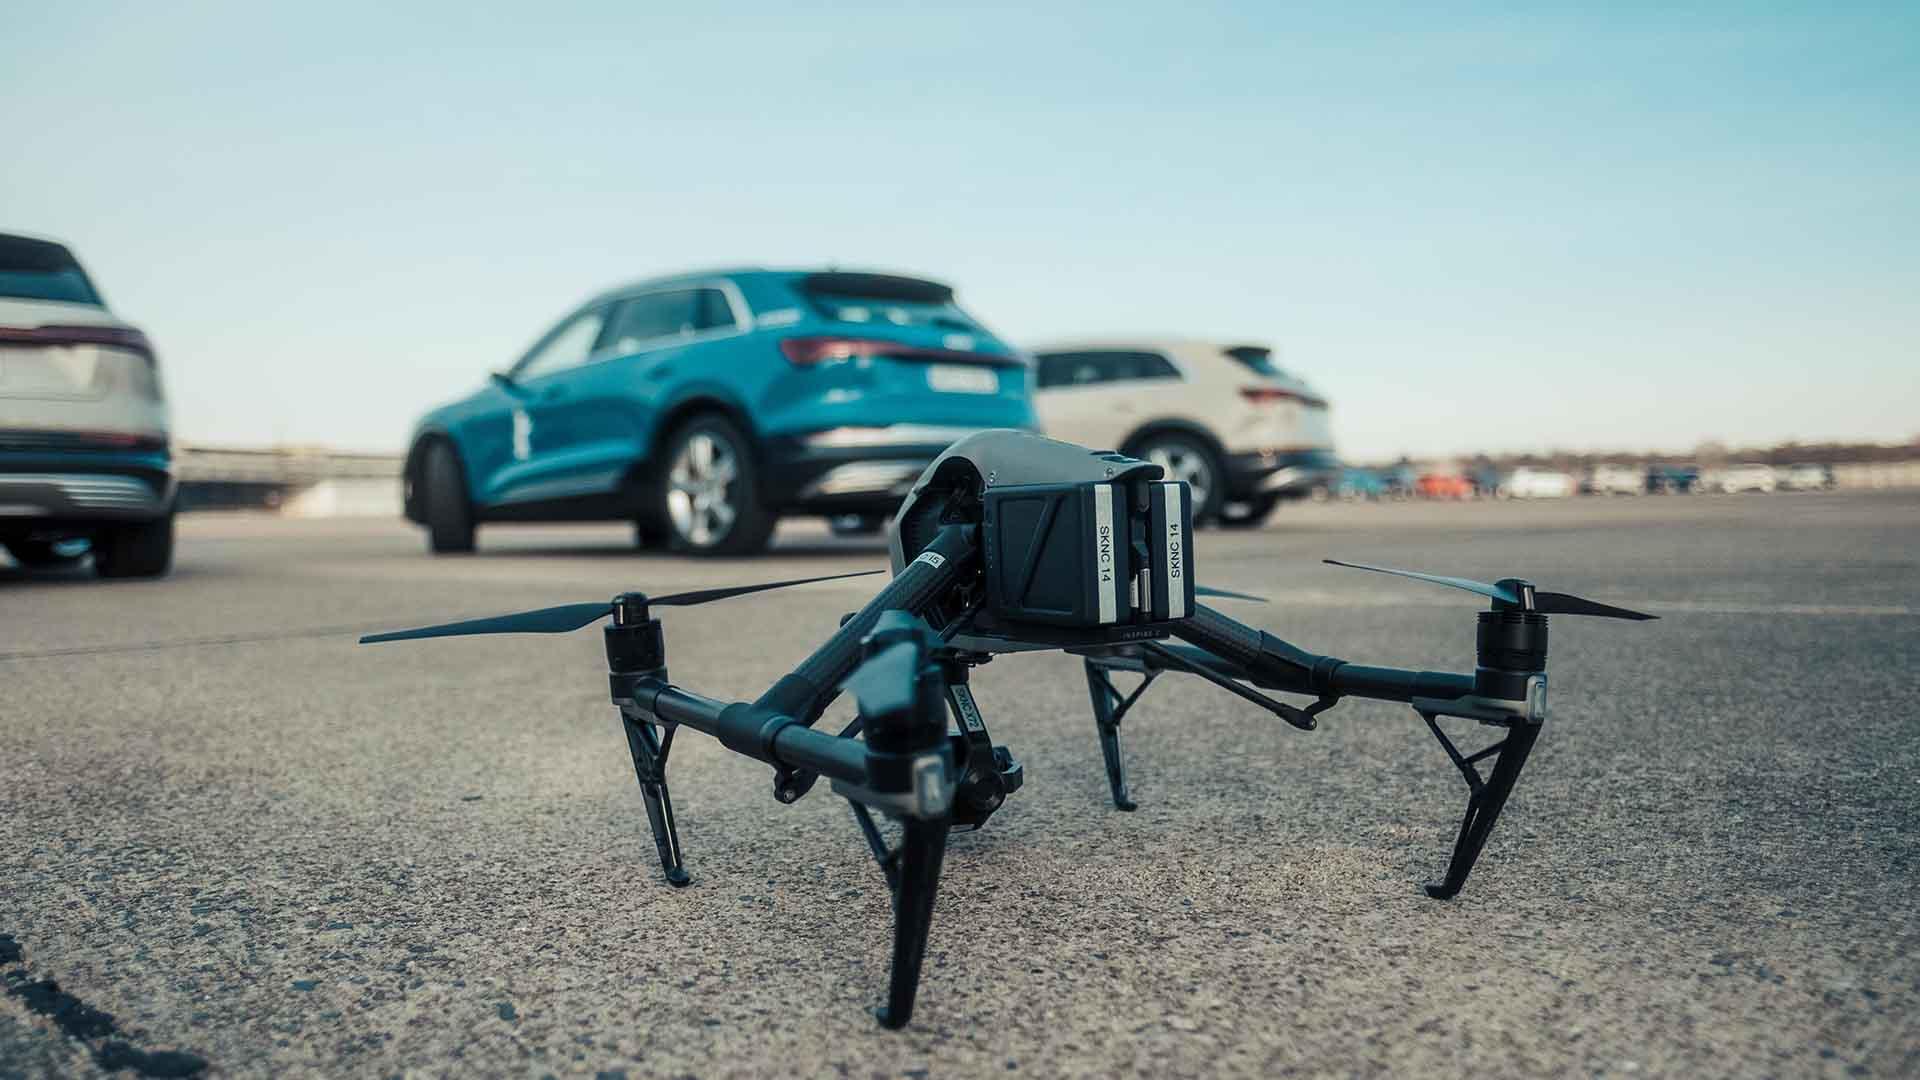 Das Bild zeigt eine Drohne. Die Drohne ist schwarz und steht auf einer Straße. Hinter der Drohne stehen drei Autos. Die Drohne steht im Fokus, da diese scharf zu erkennen ist. Die Autos sind unscharf, man erkennt jedoch dass essen ich um Fahrzeuge der Marke Audi handelt. Bei den Modellen handelt es sich um die Fahrzeugreihe e-tron. Das Bild dient als Sliderbild für den Portfolioeintrag Audi | Electrifying Berlinale von Panda Pictures.